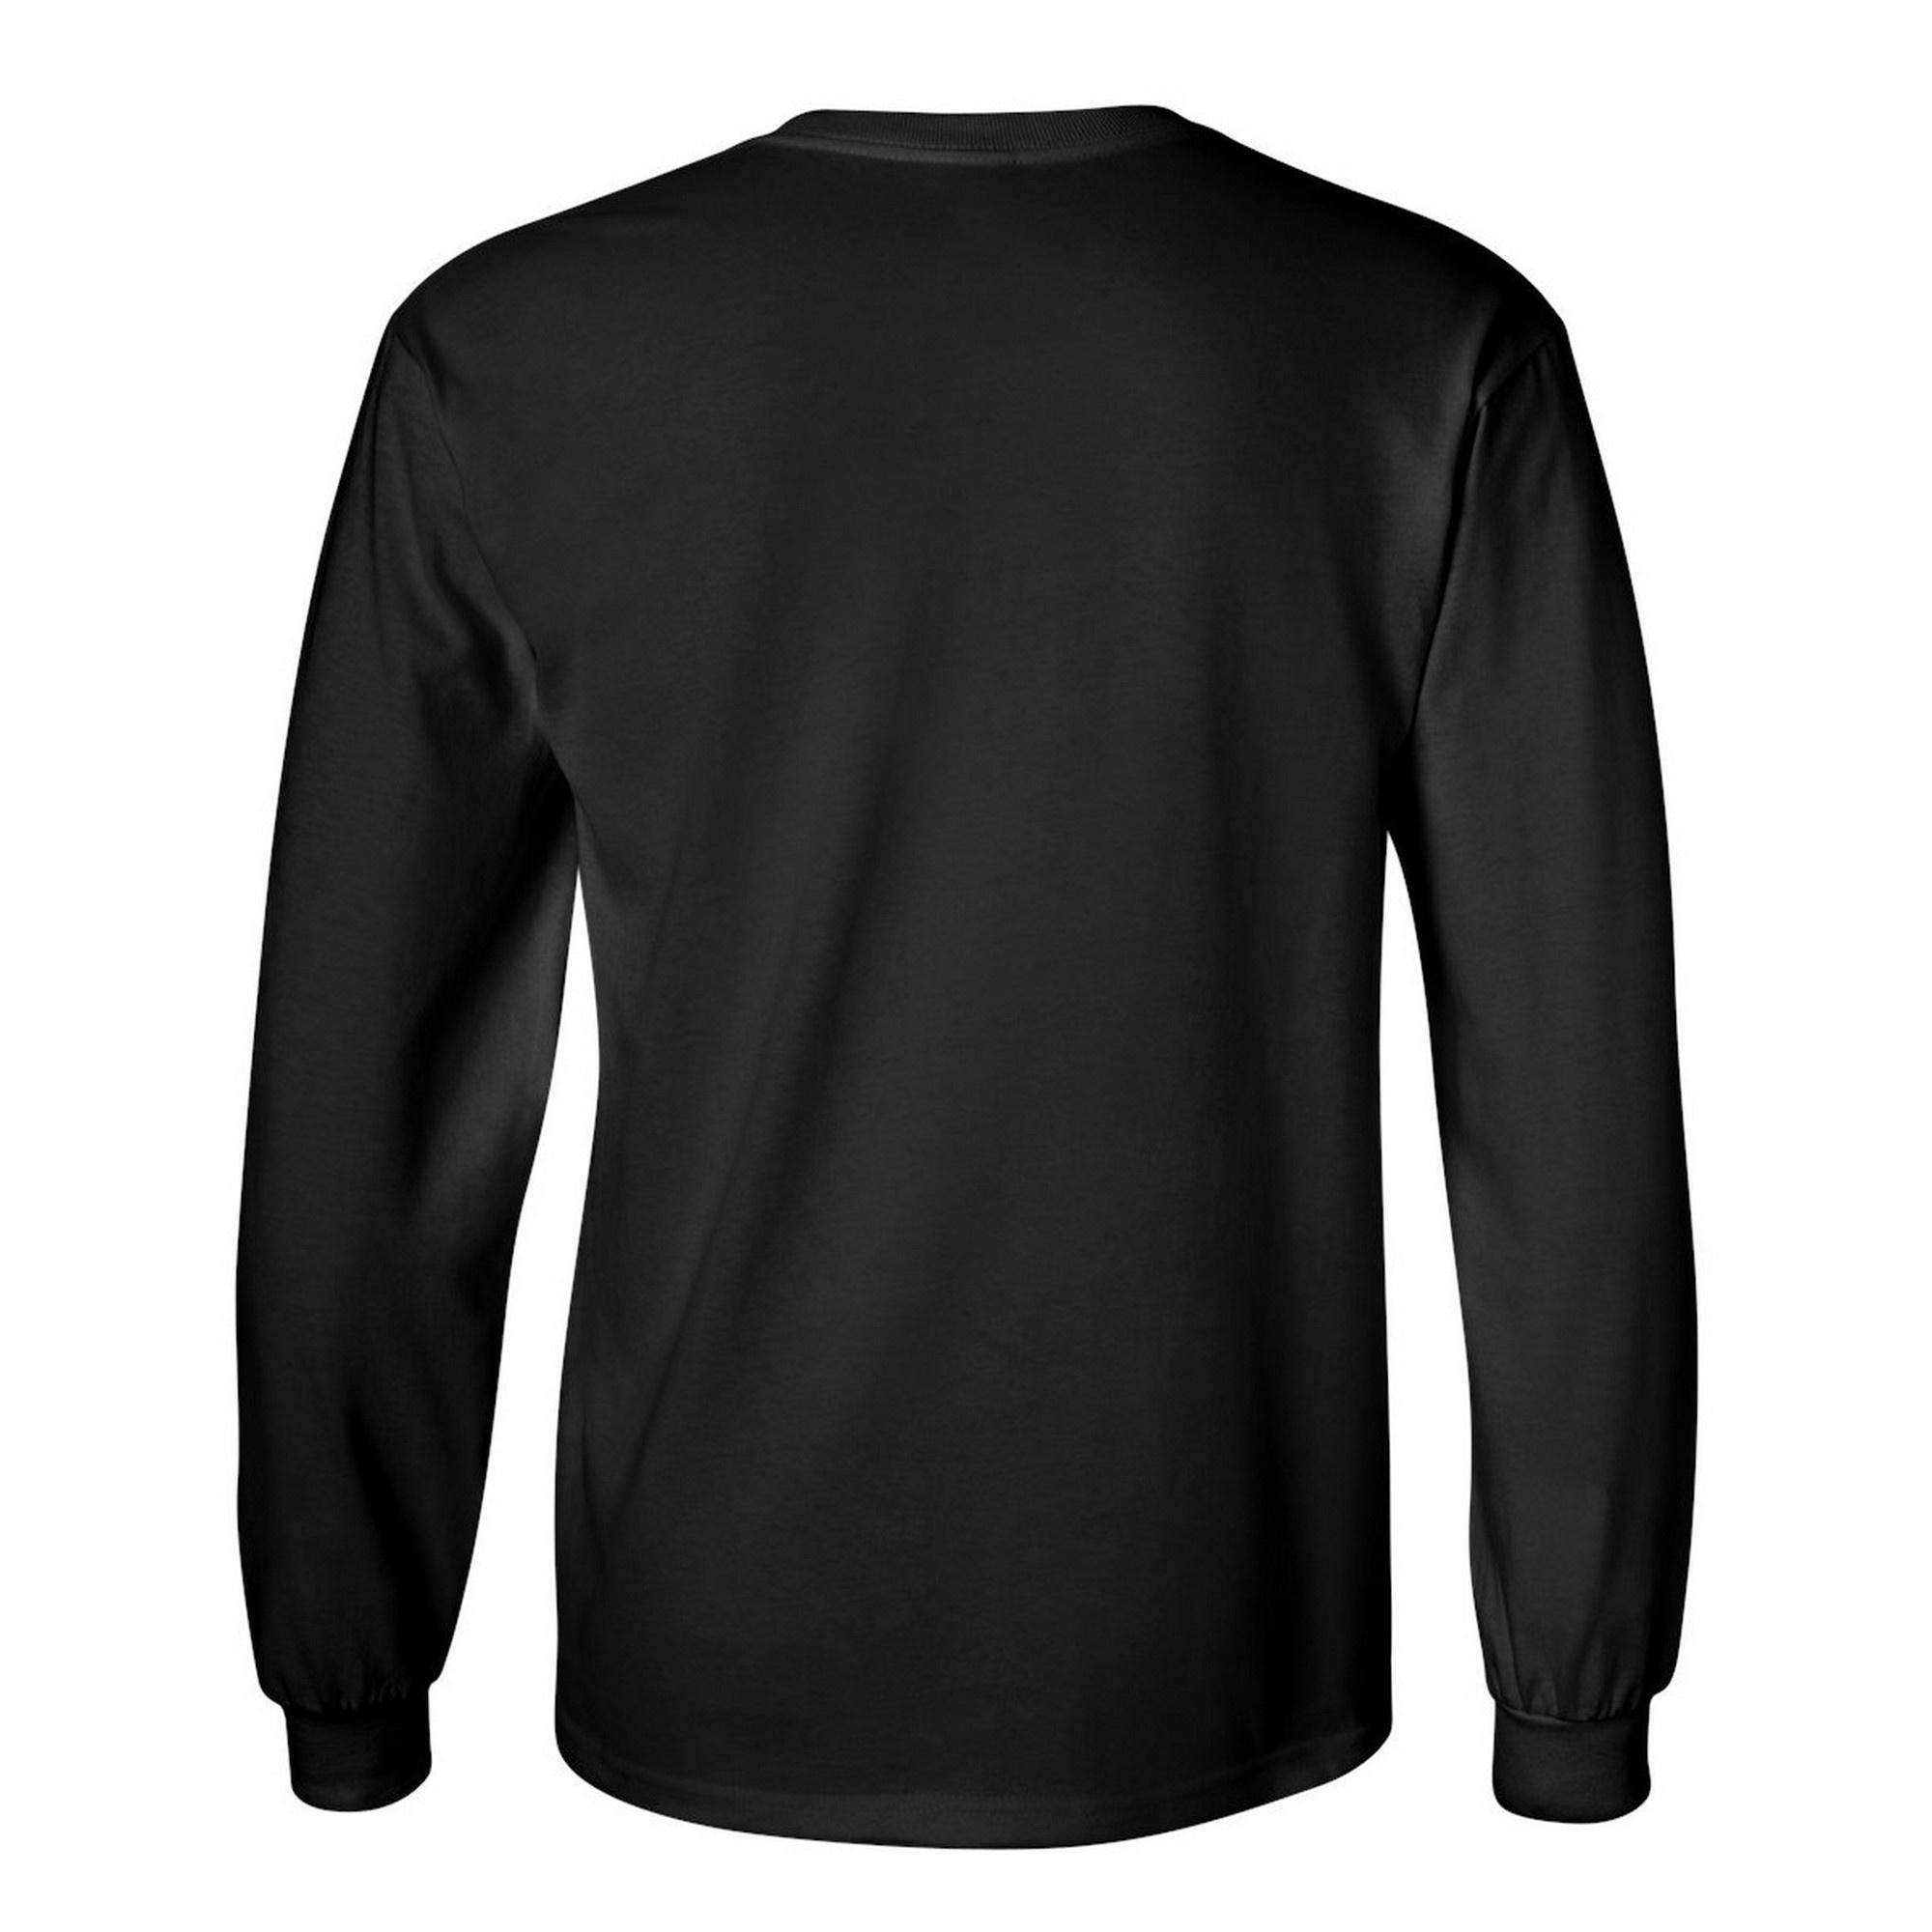 miniature 78 - T-shirt-uni-a-manches-longues-Gildan-100-coton-pour-homme-S-2XL-BC477